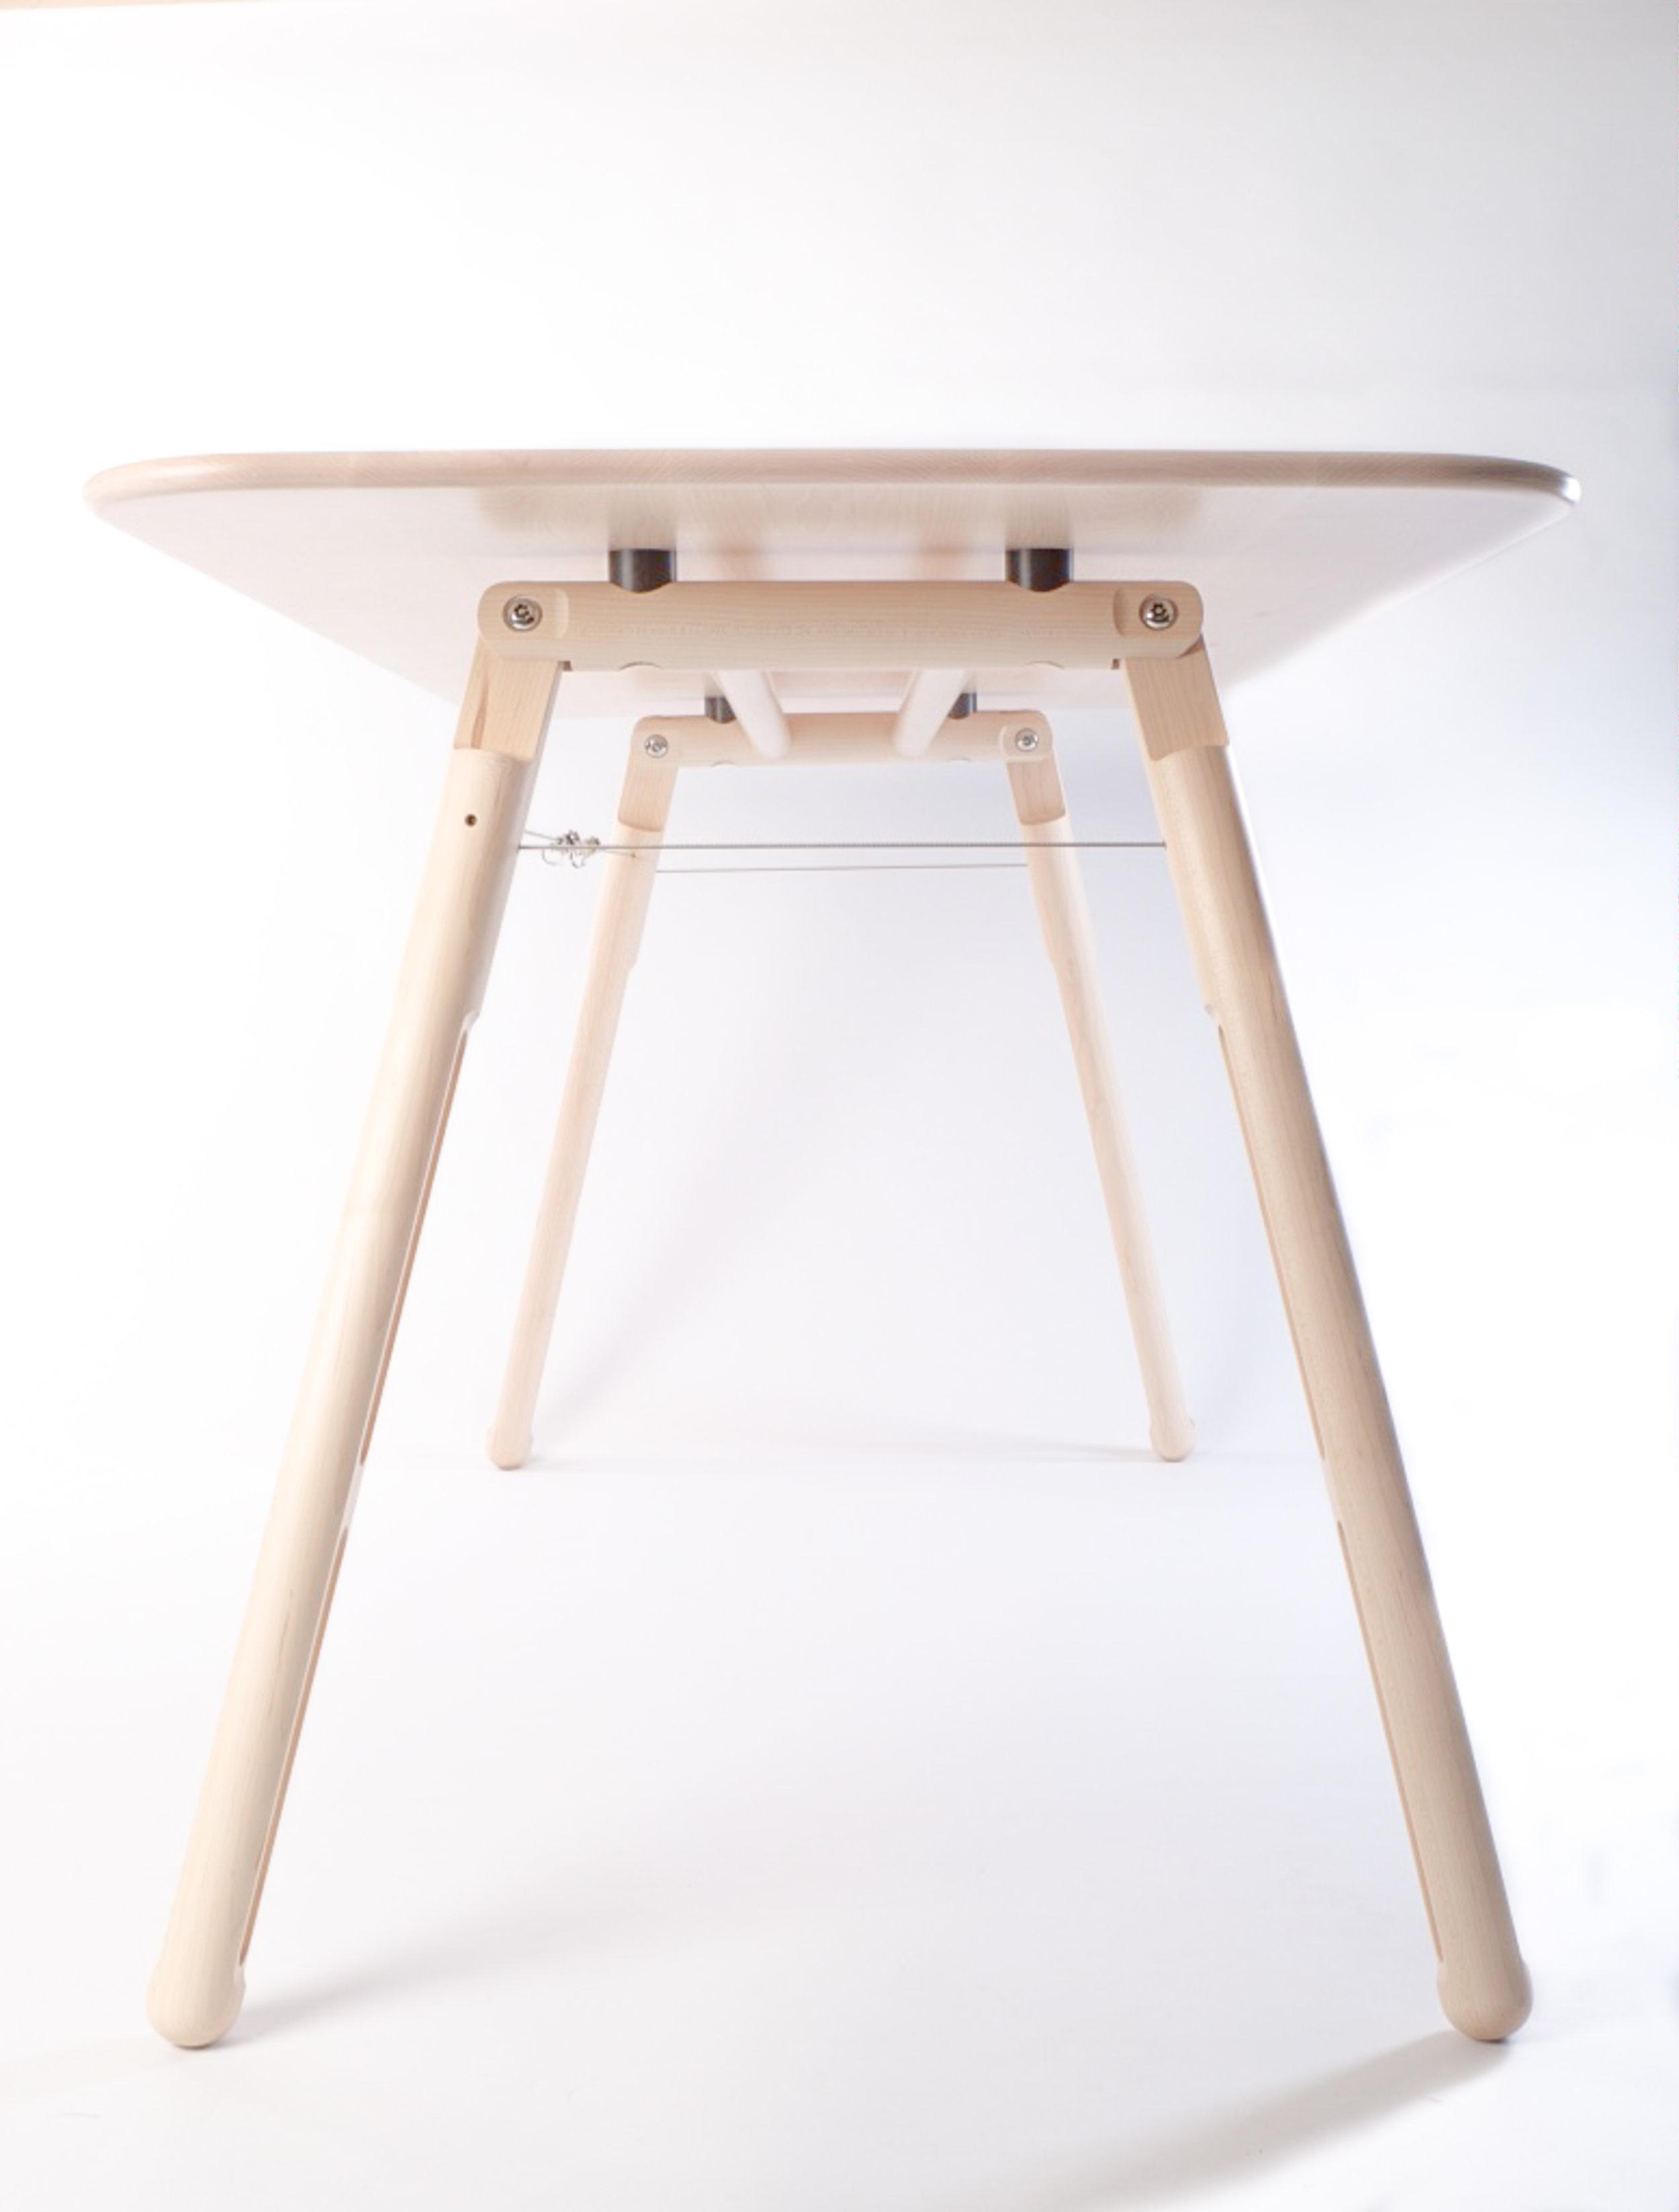 Phloem Desk Detail 10.jpg